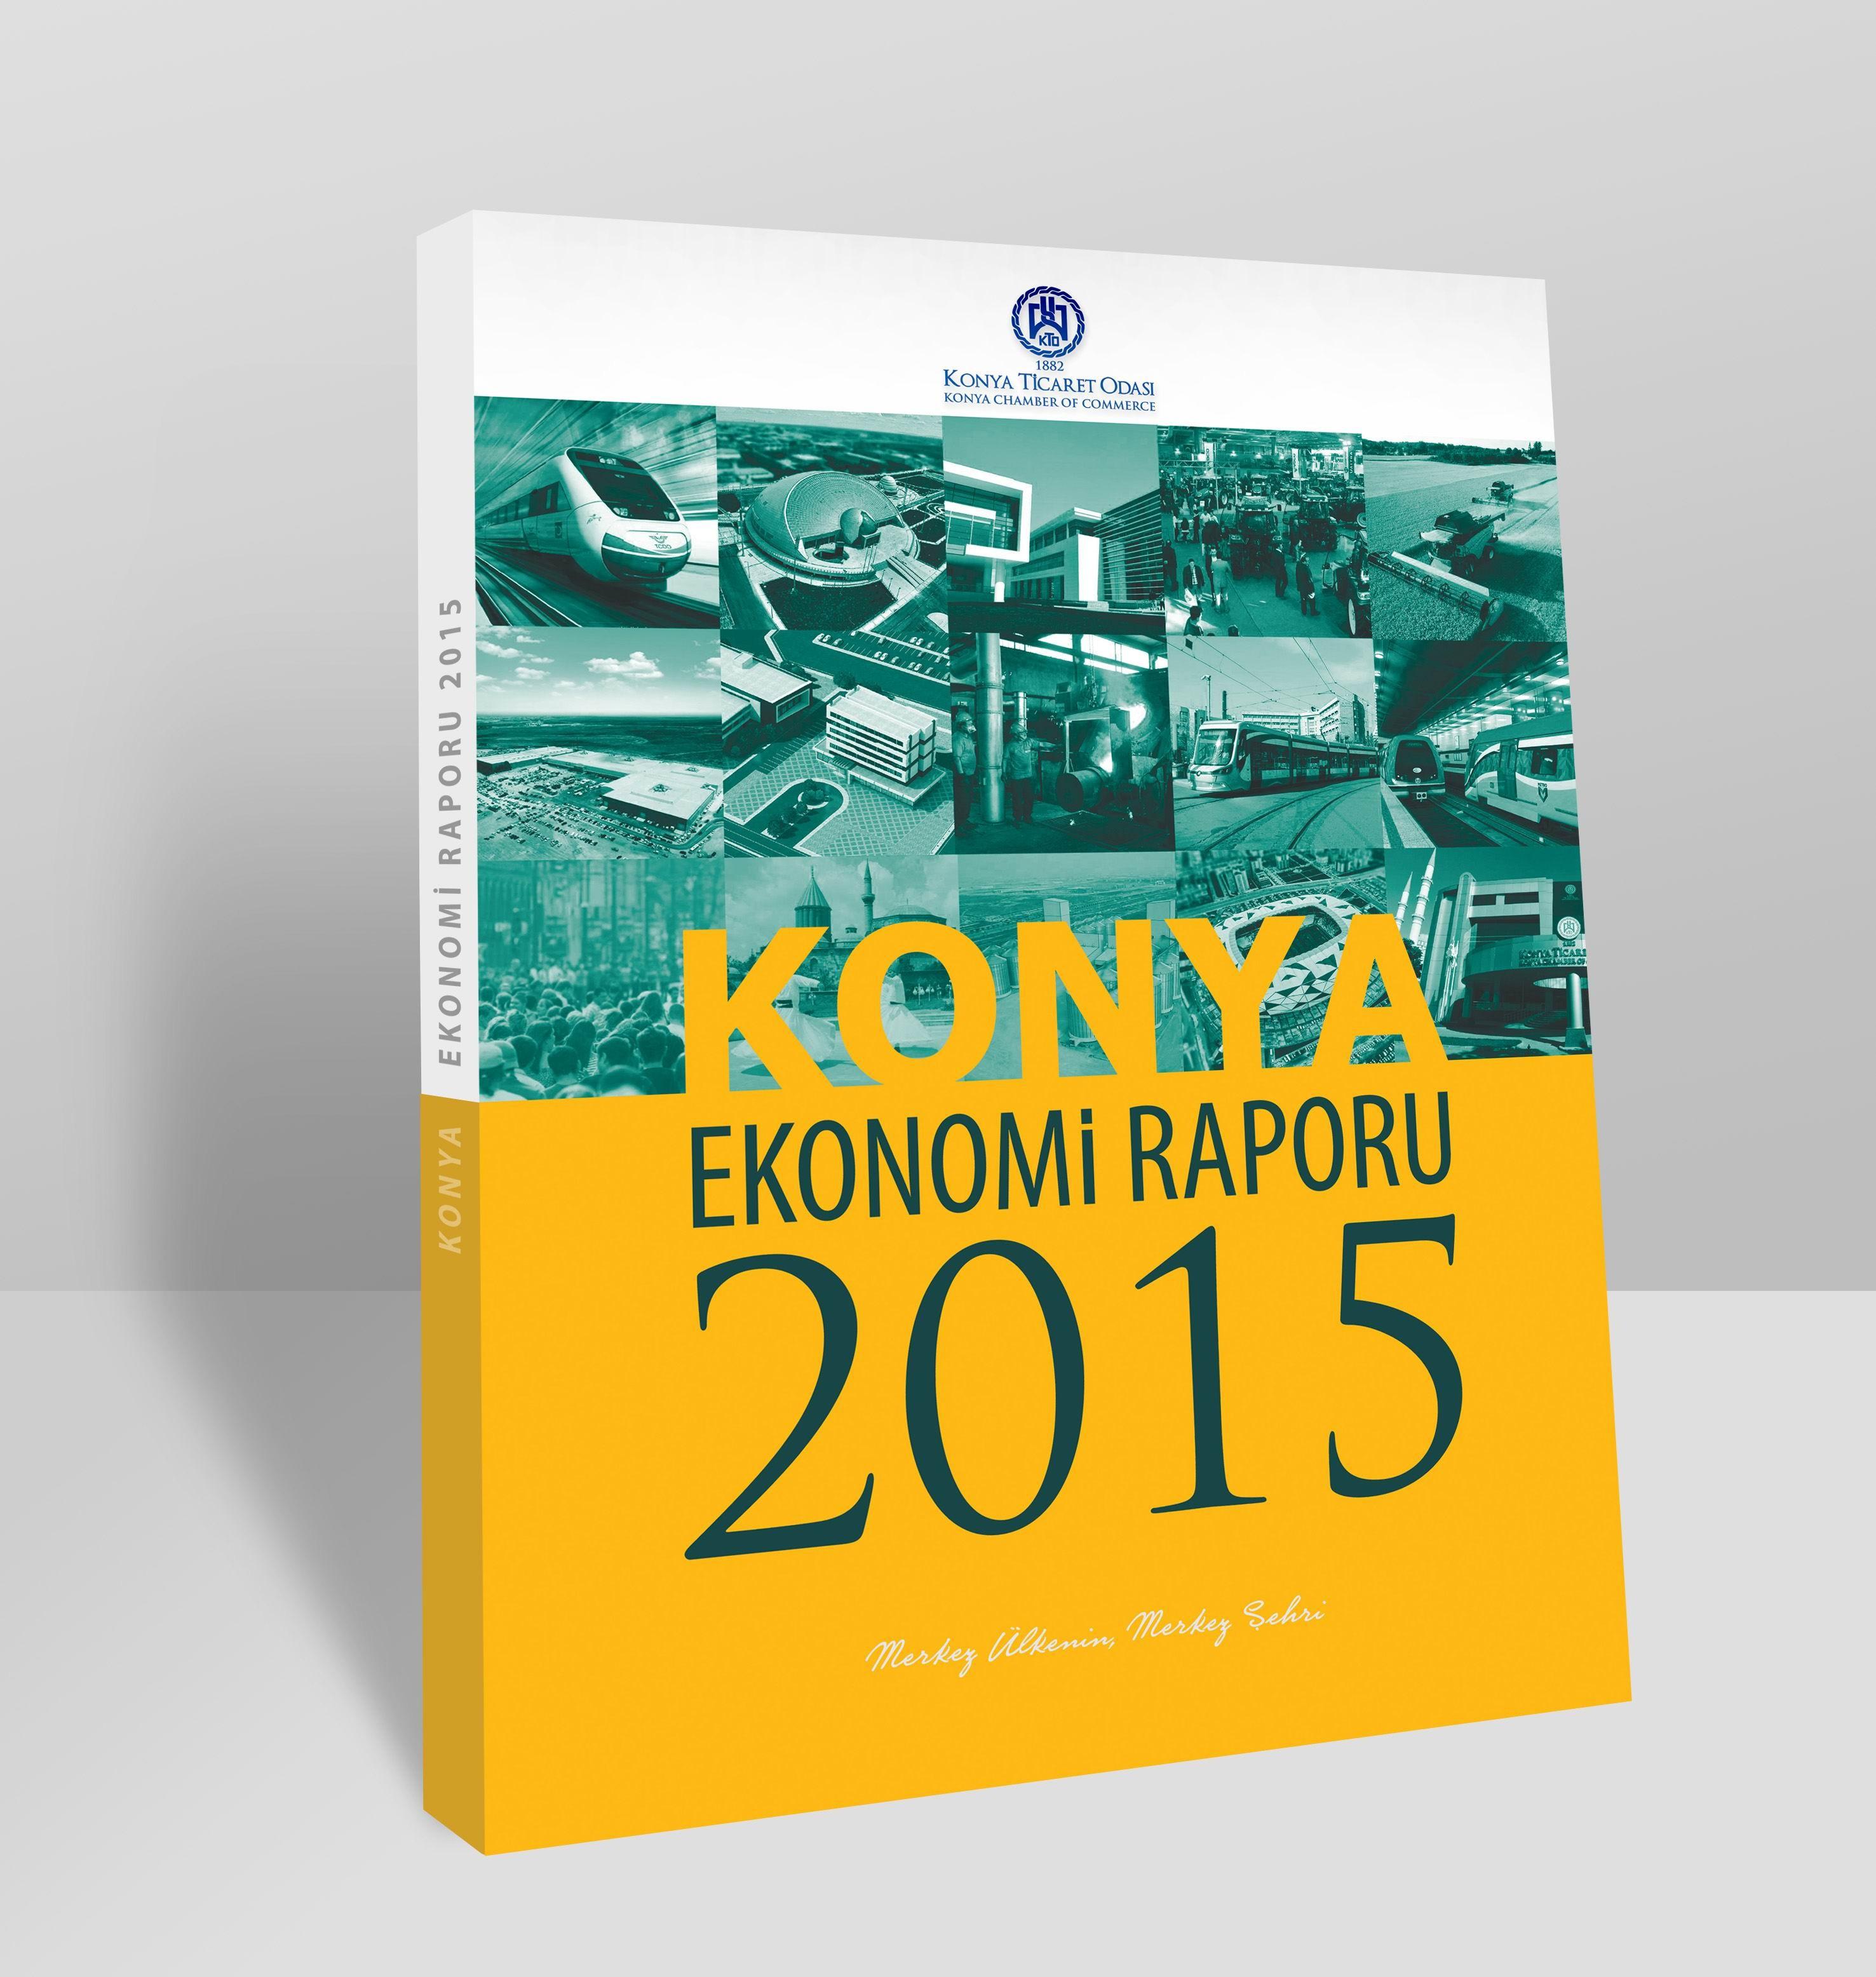 """""""Konya Ekonomi Raporu 2015 yayımlandı"""